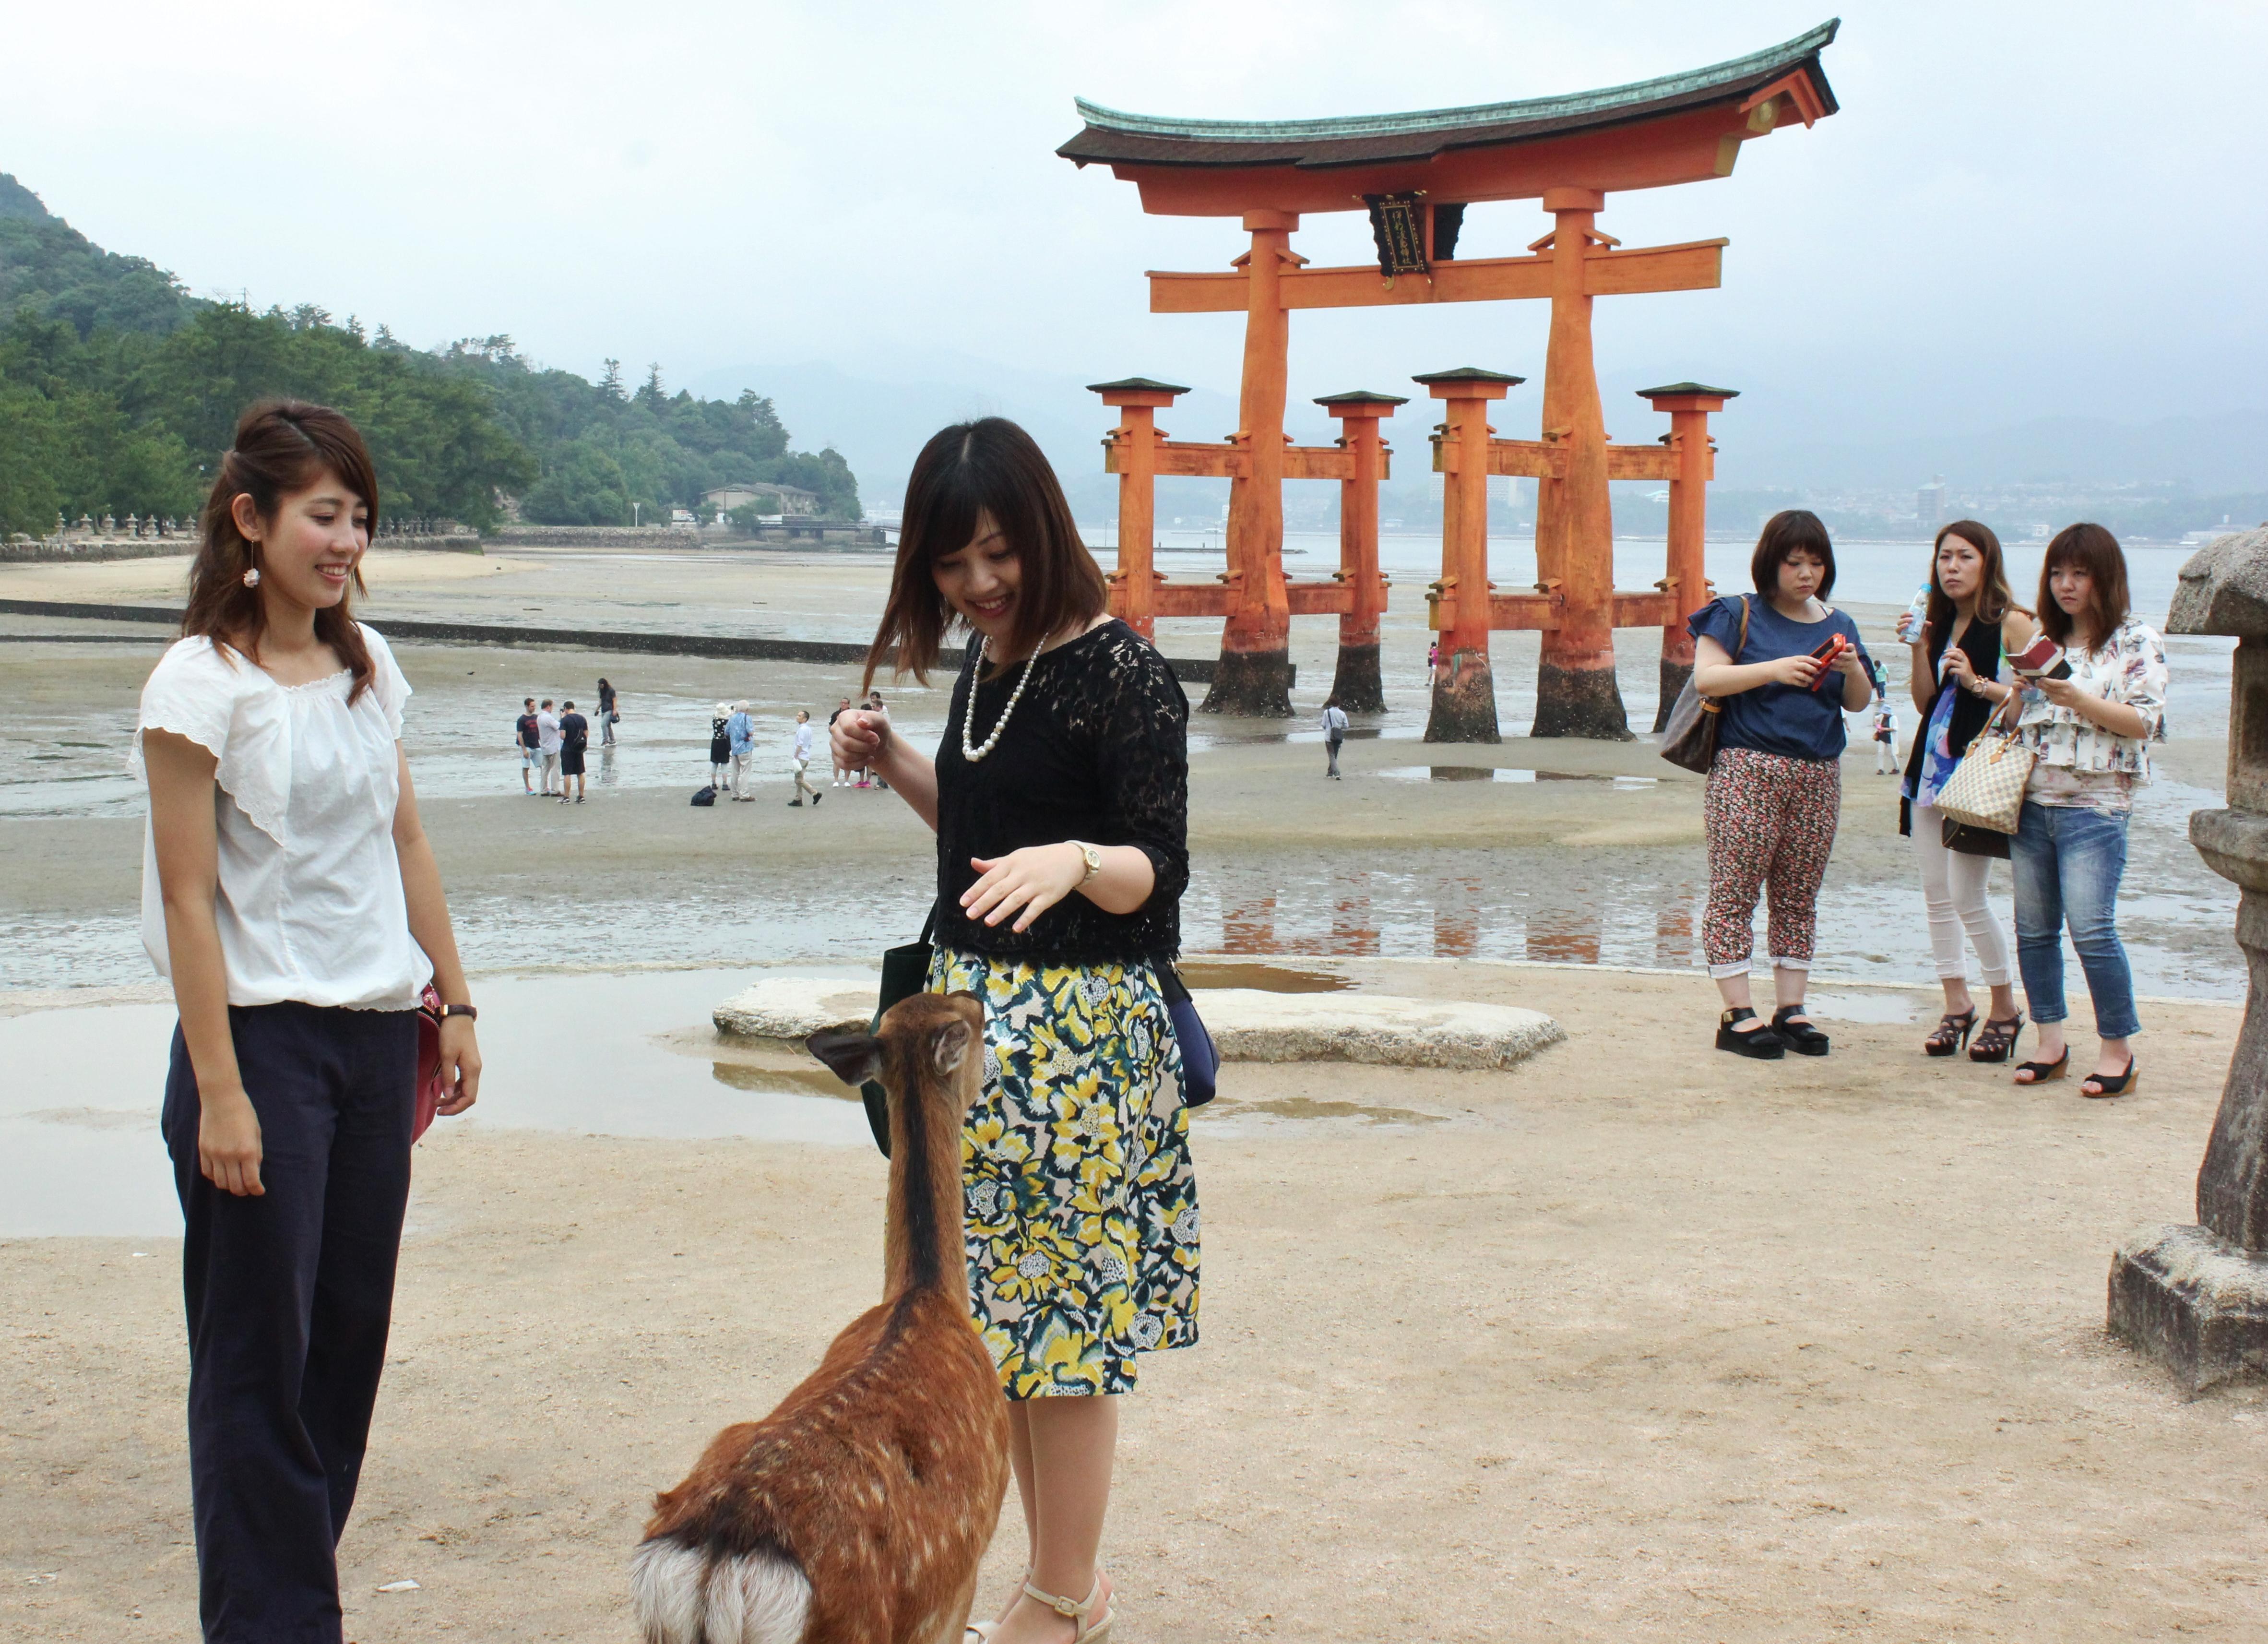 宮島・厳島神社の大鳥居。潮が引くと鳥居を支える柱のそばまで歩いて行くことができる